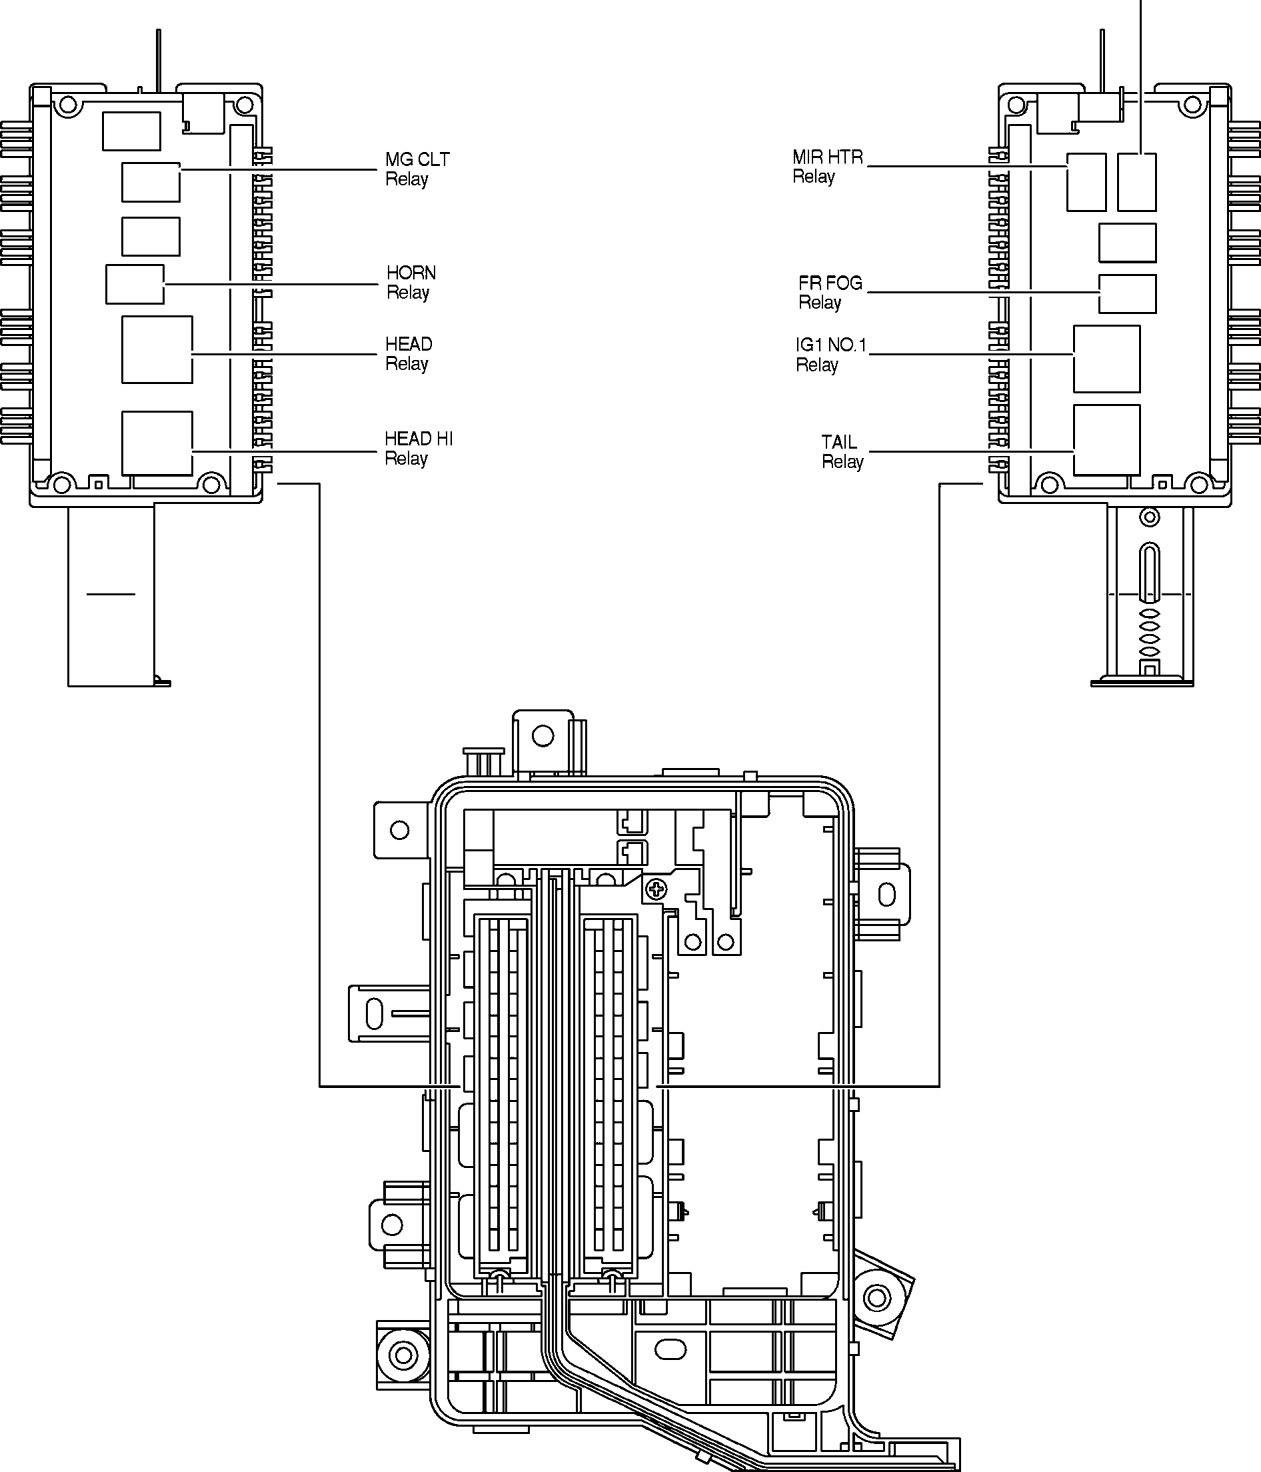 1994 toyota previa engine diagram 2019 ebook library